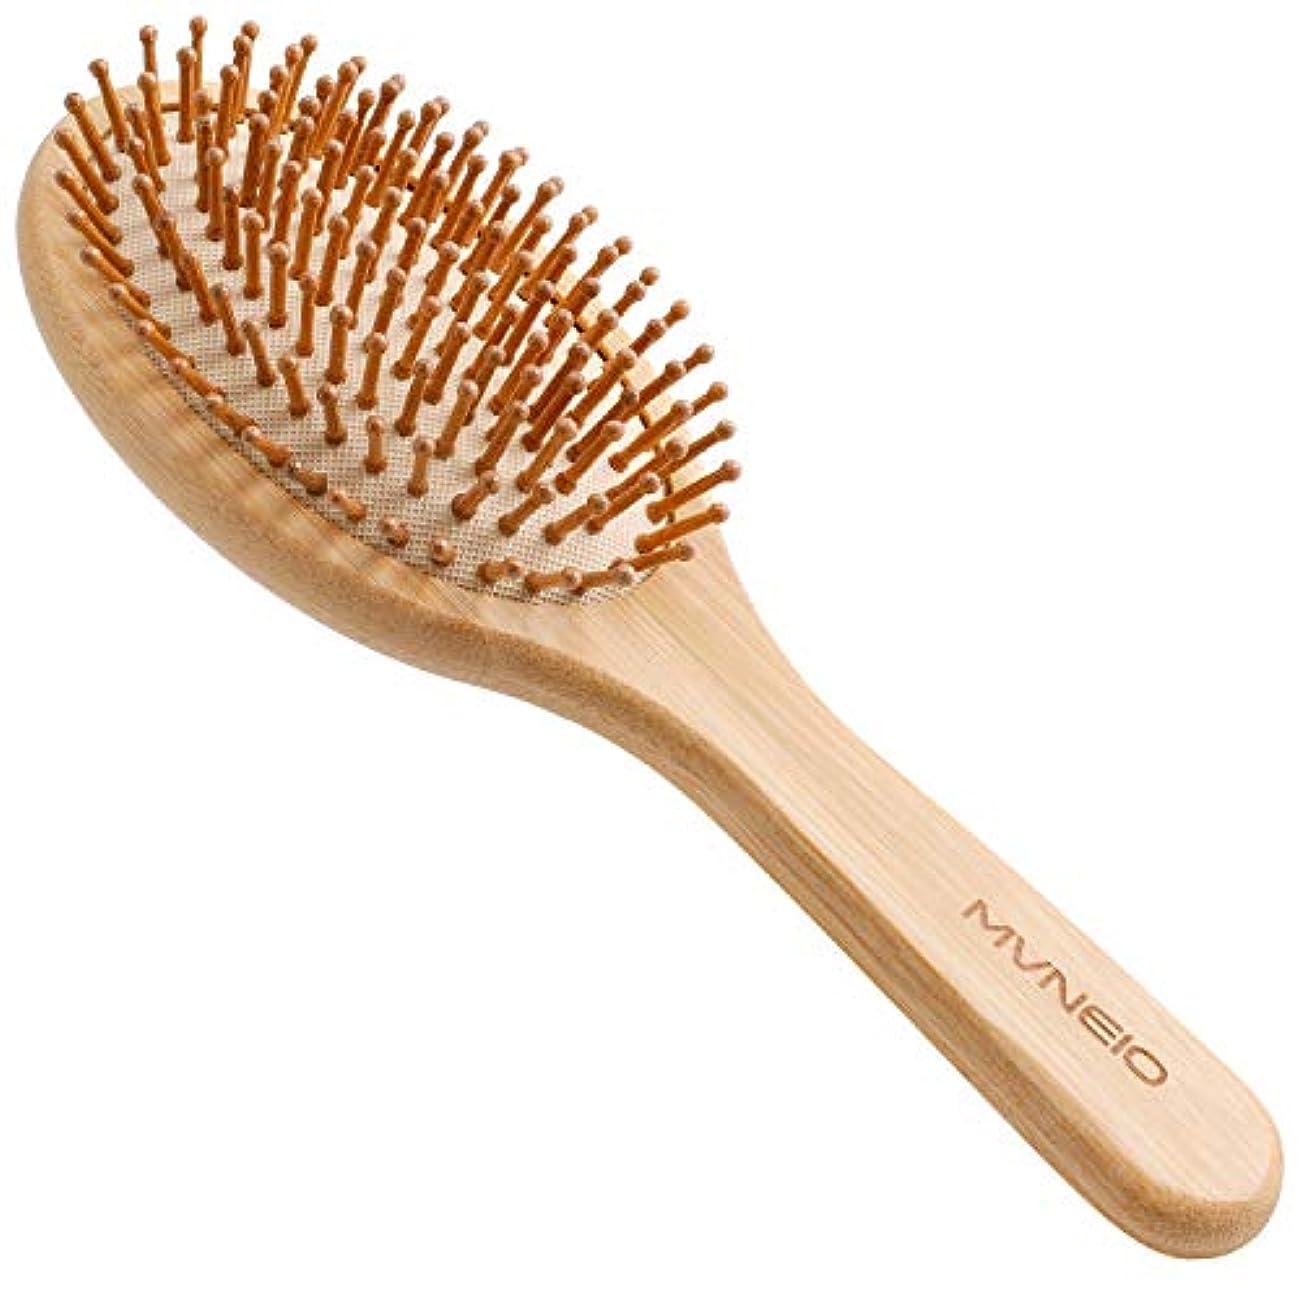 ウィスキーぶら下がる階ヘアブラシ 竹製櫛 くし ヘアケア 頭皮マッサージ 静電気防止 パドルブラシ 美髪ケア 頭皮に優しい メンズ レディースに適用